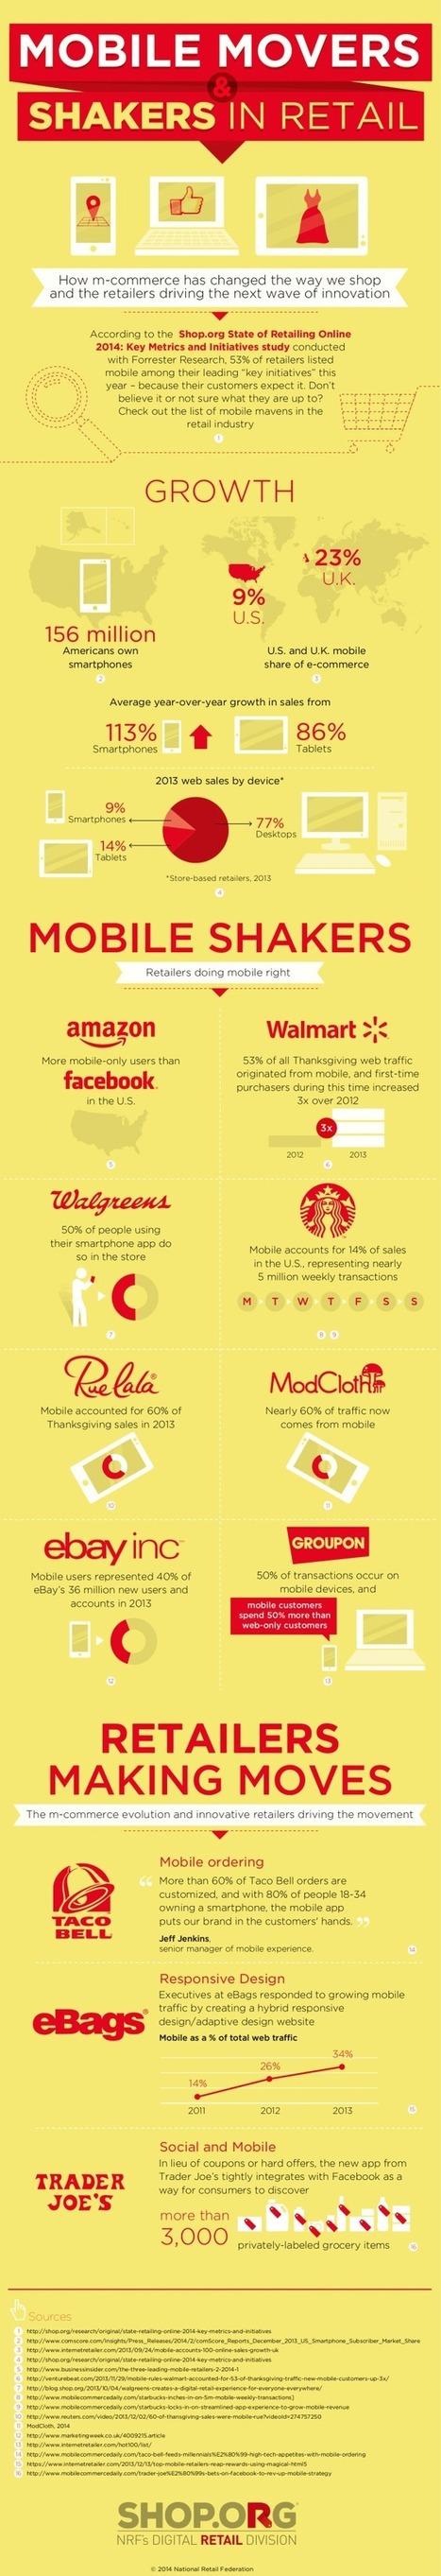 Los consumidores son cada vez más móviles: datos de M-Commerce | Rotacode Marketing Mobile | Scoop.it